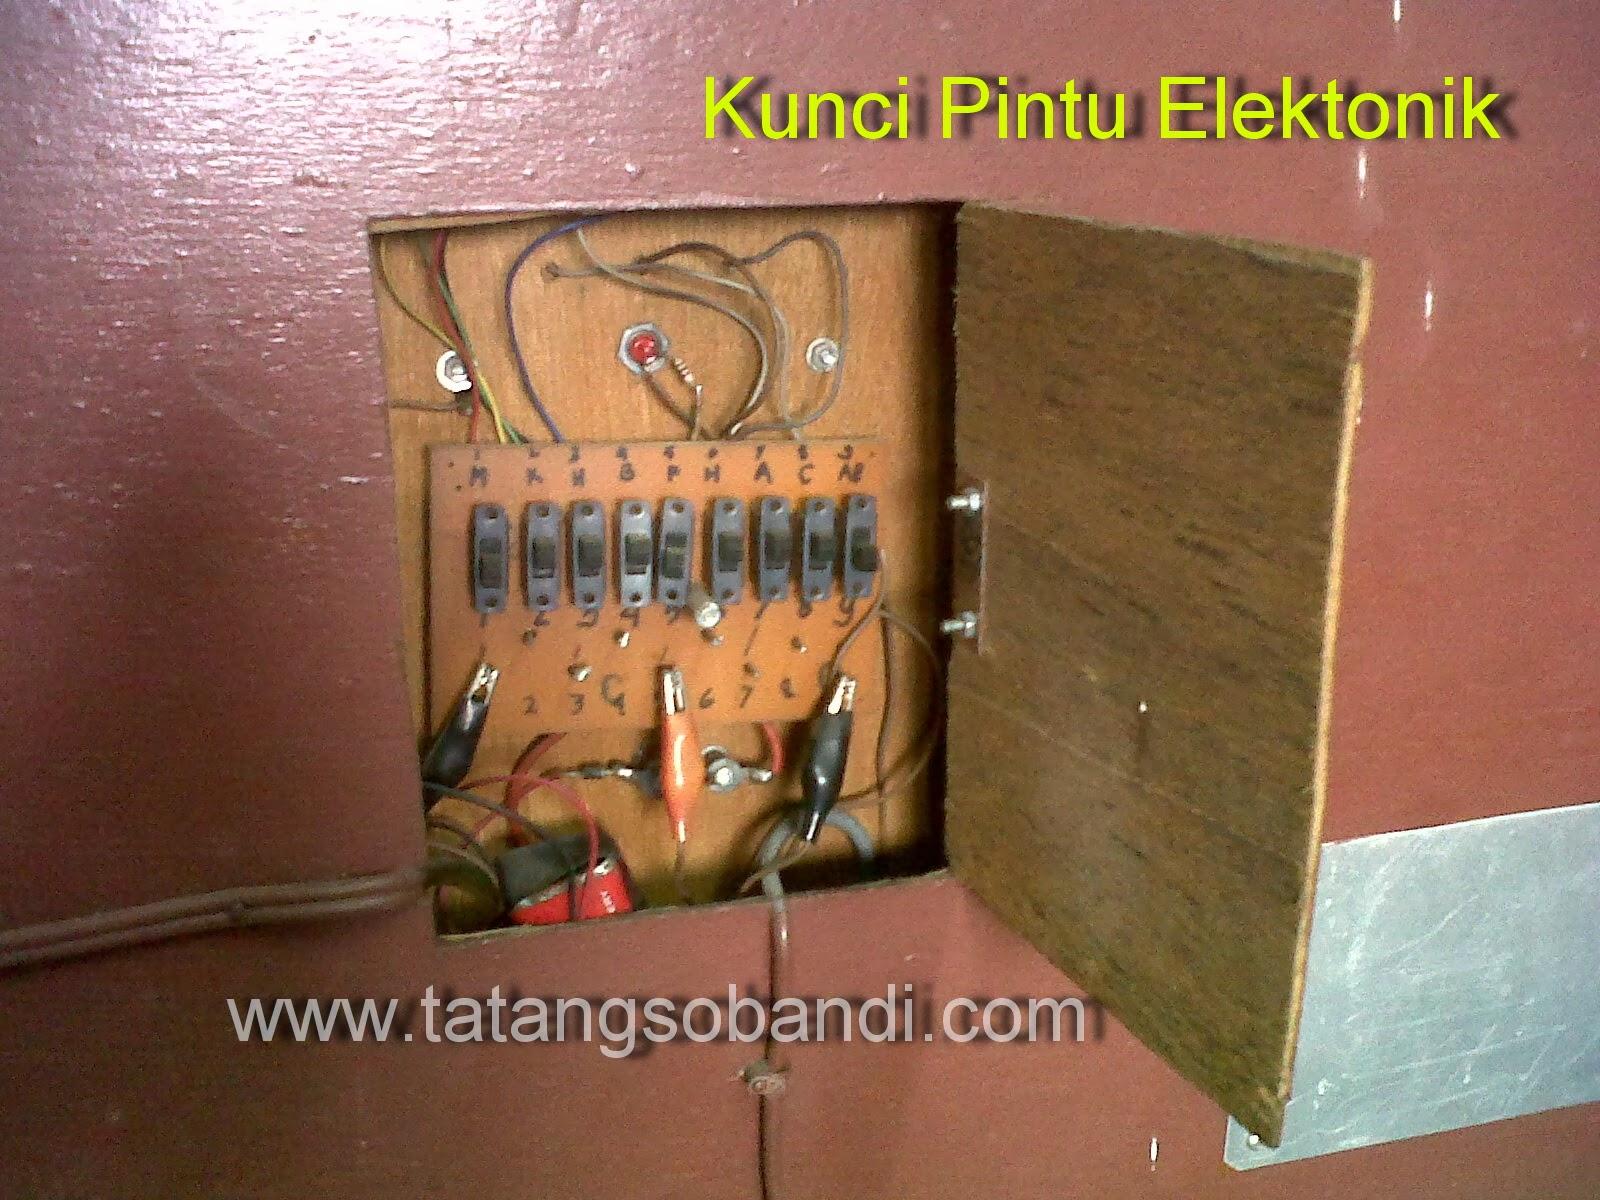 Cara merakit Sendiri Kunci Pintu Elektronik